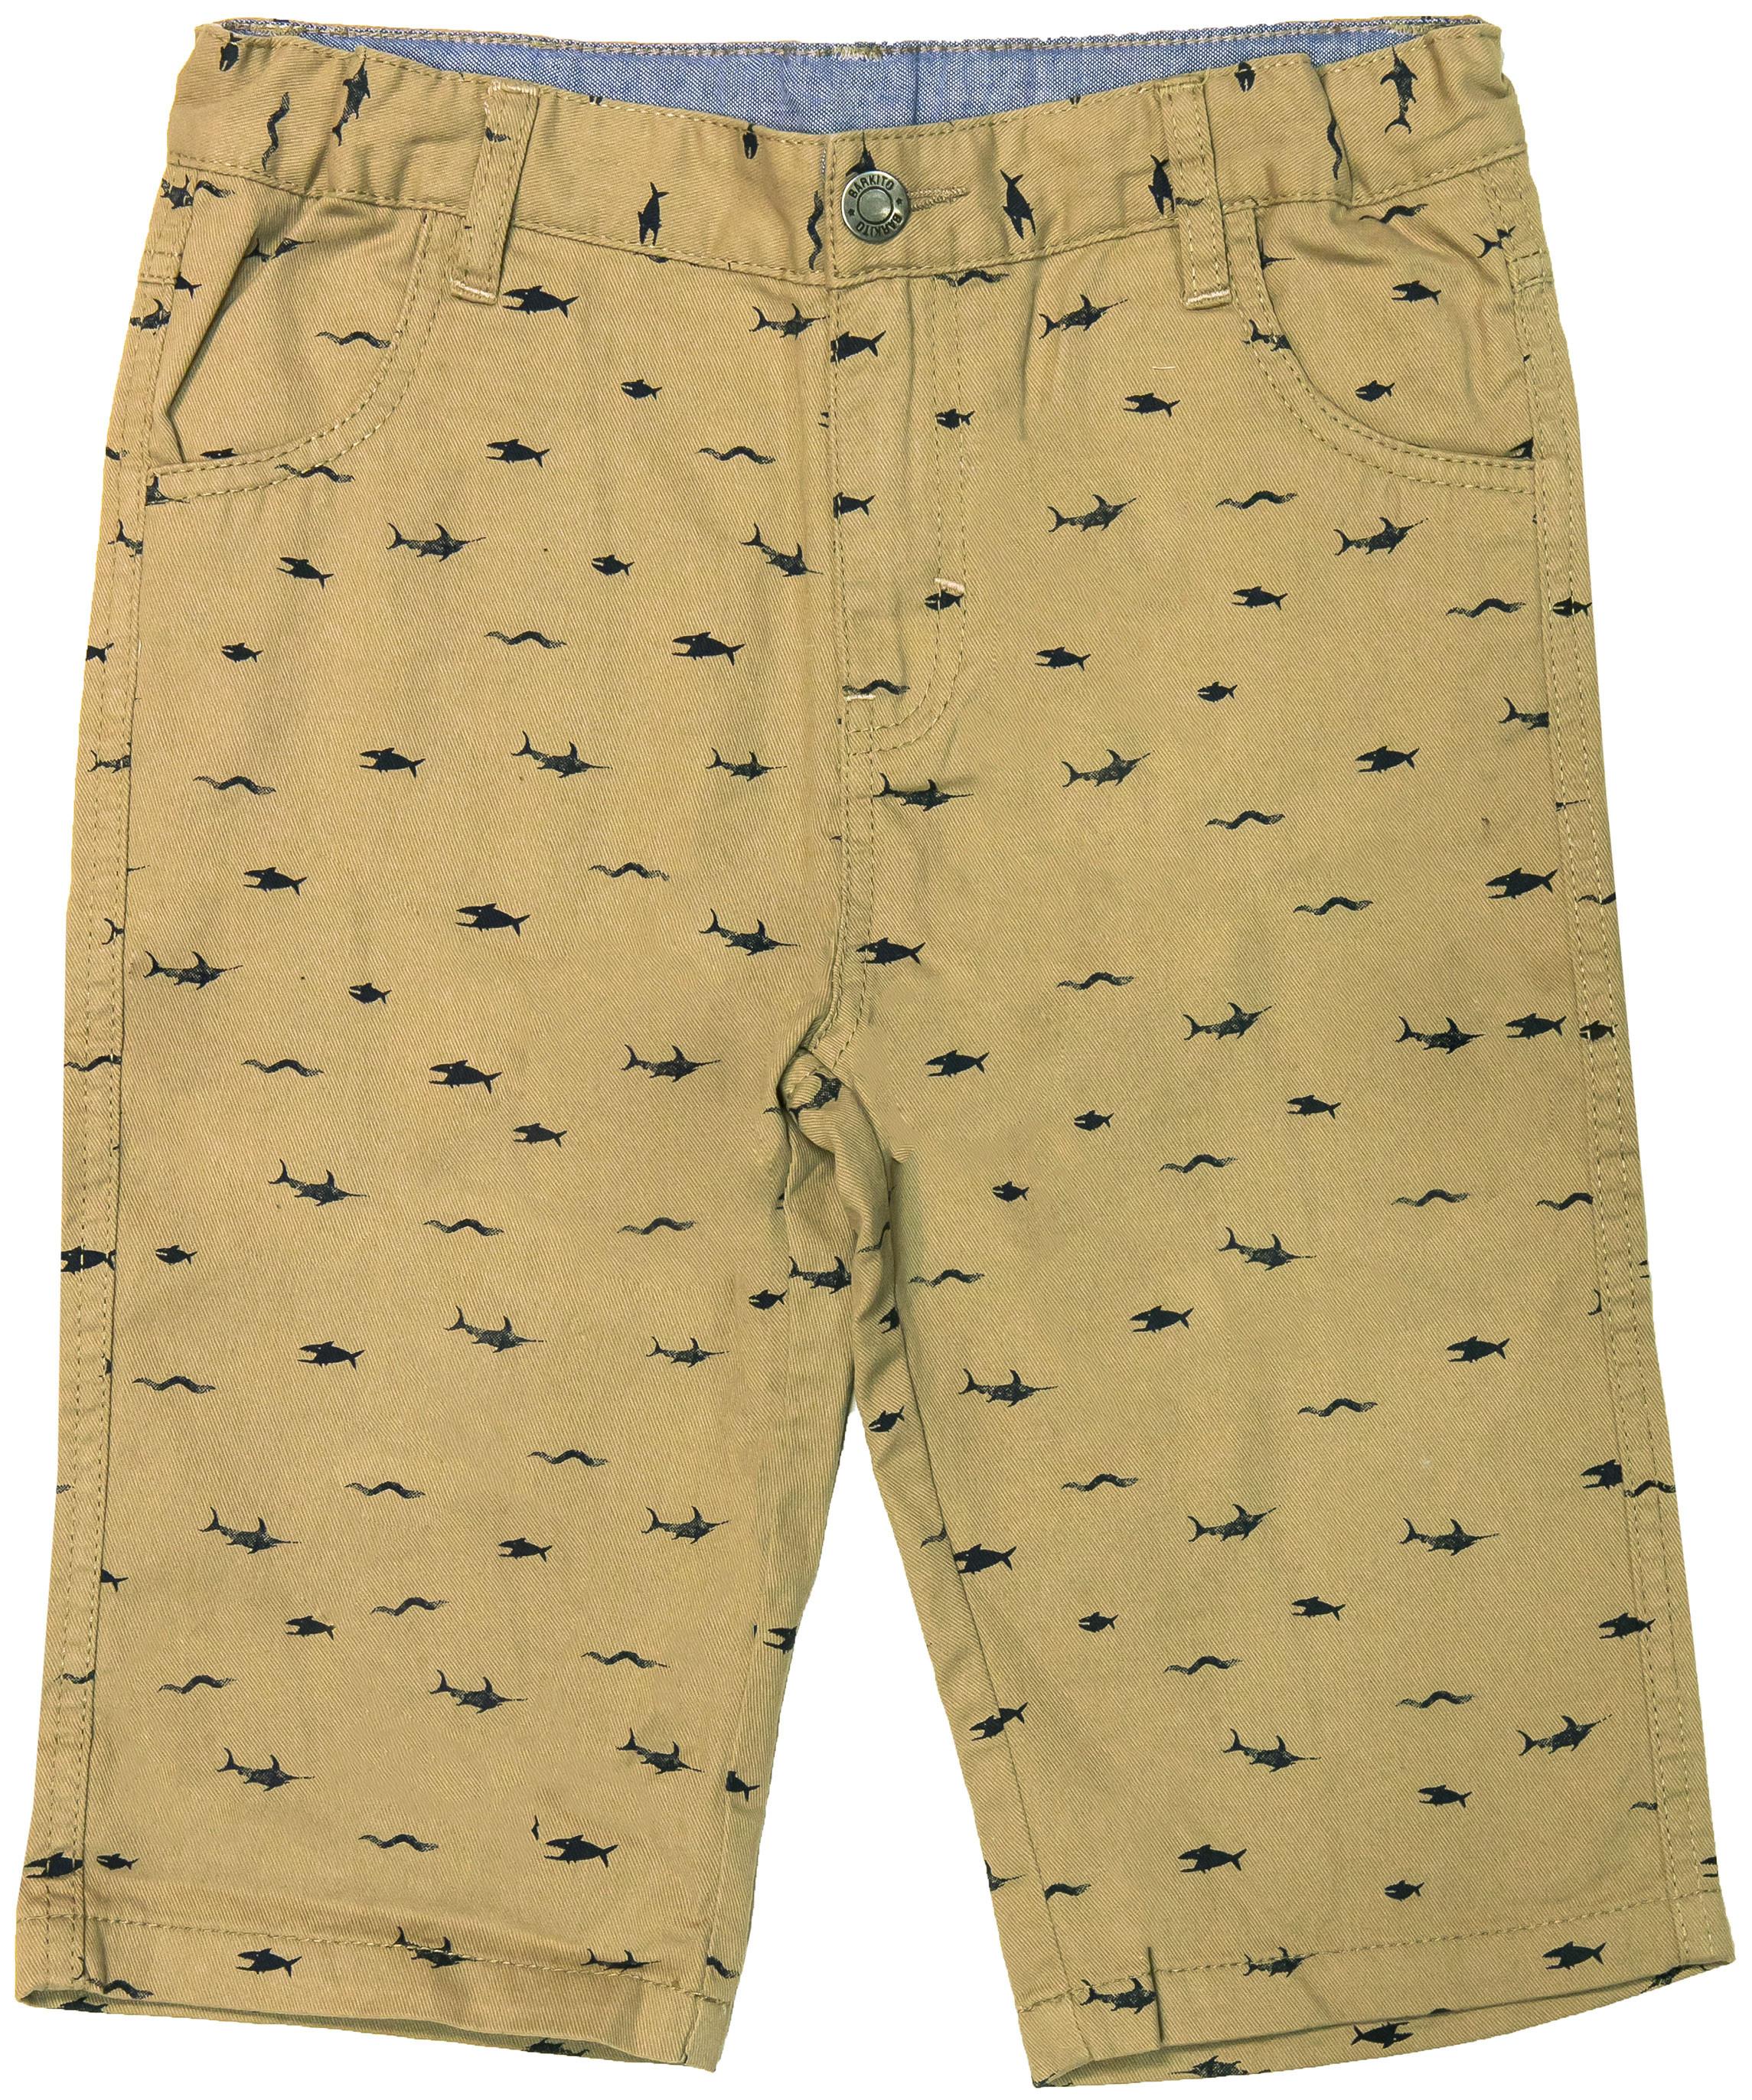 Шорты Barkito Шорты модель бермуды для мальчика Barkito Морские обитатели, бежевые с рисунком шорты бермуды gas шорты бермуды